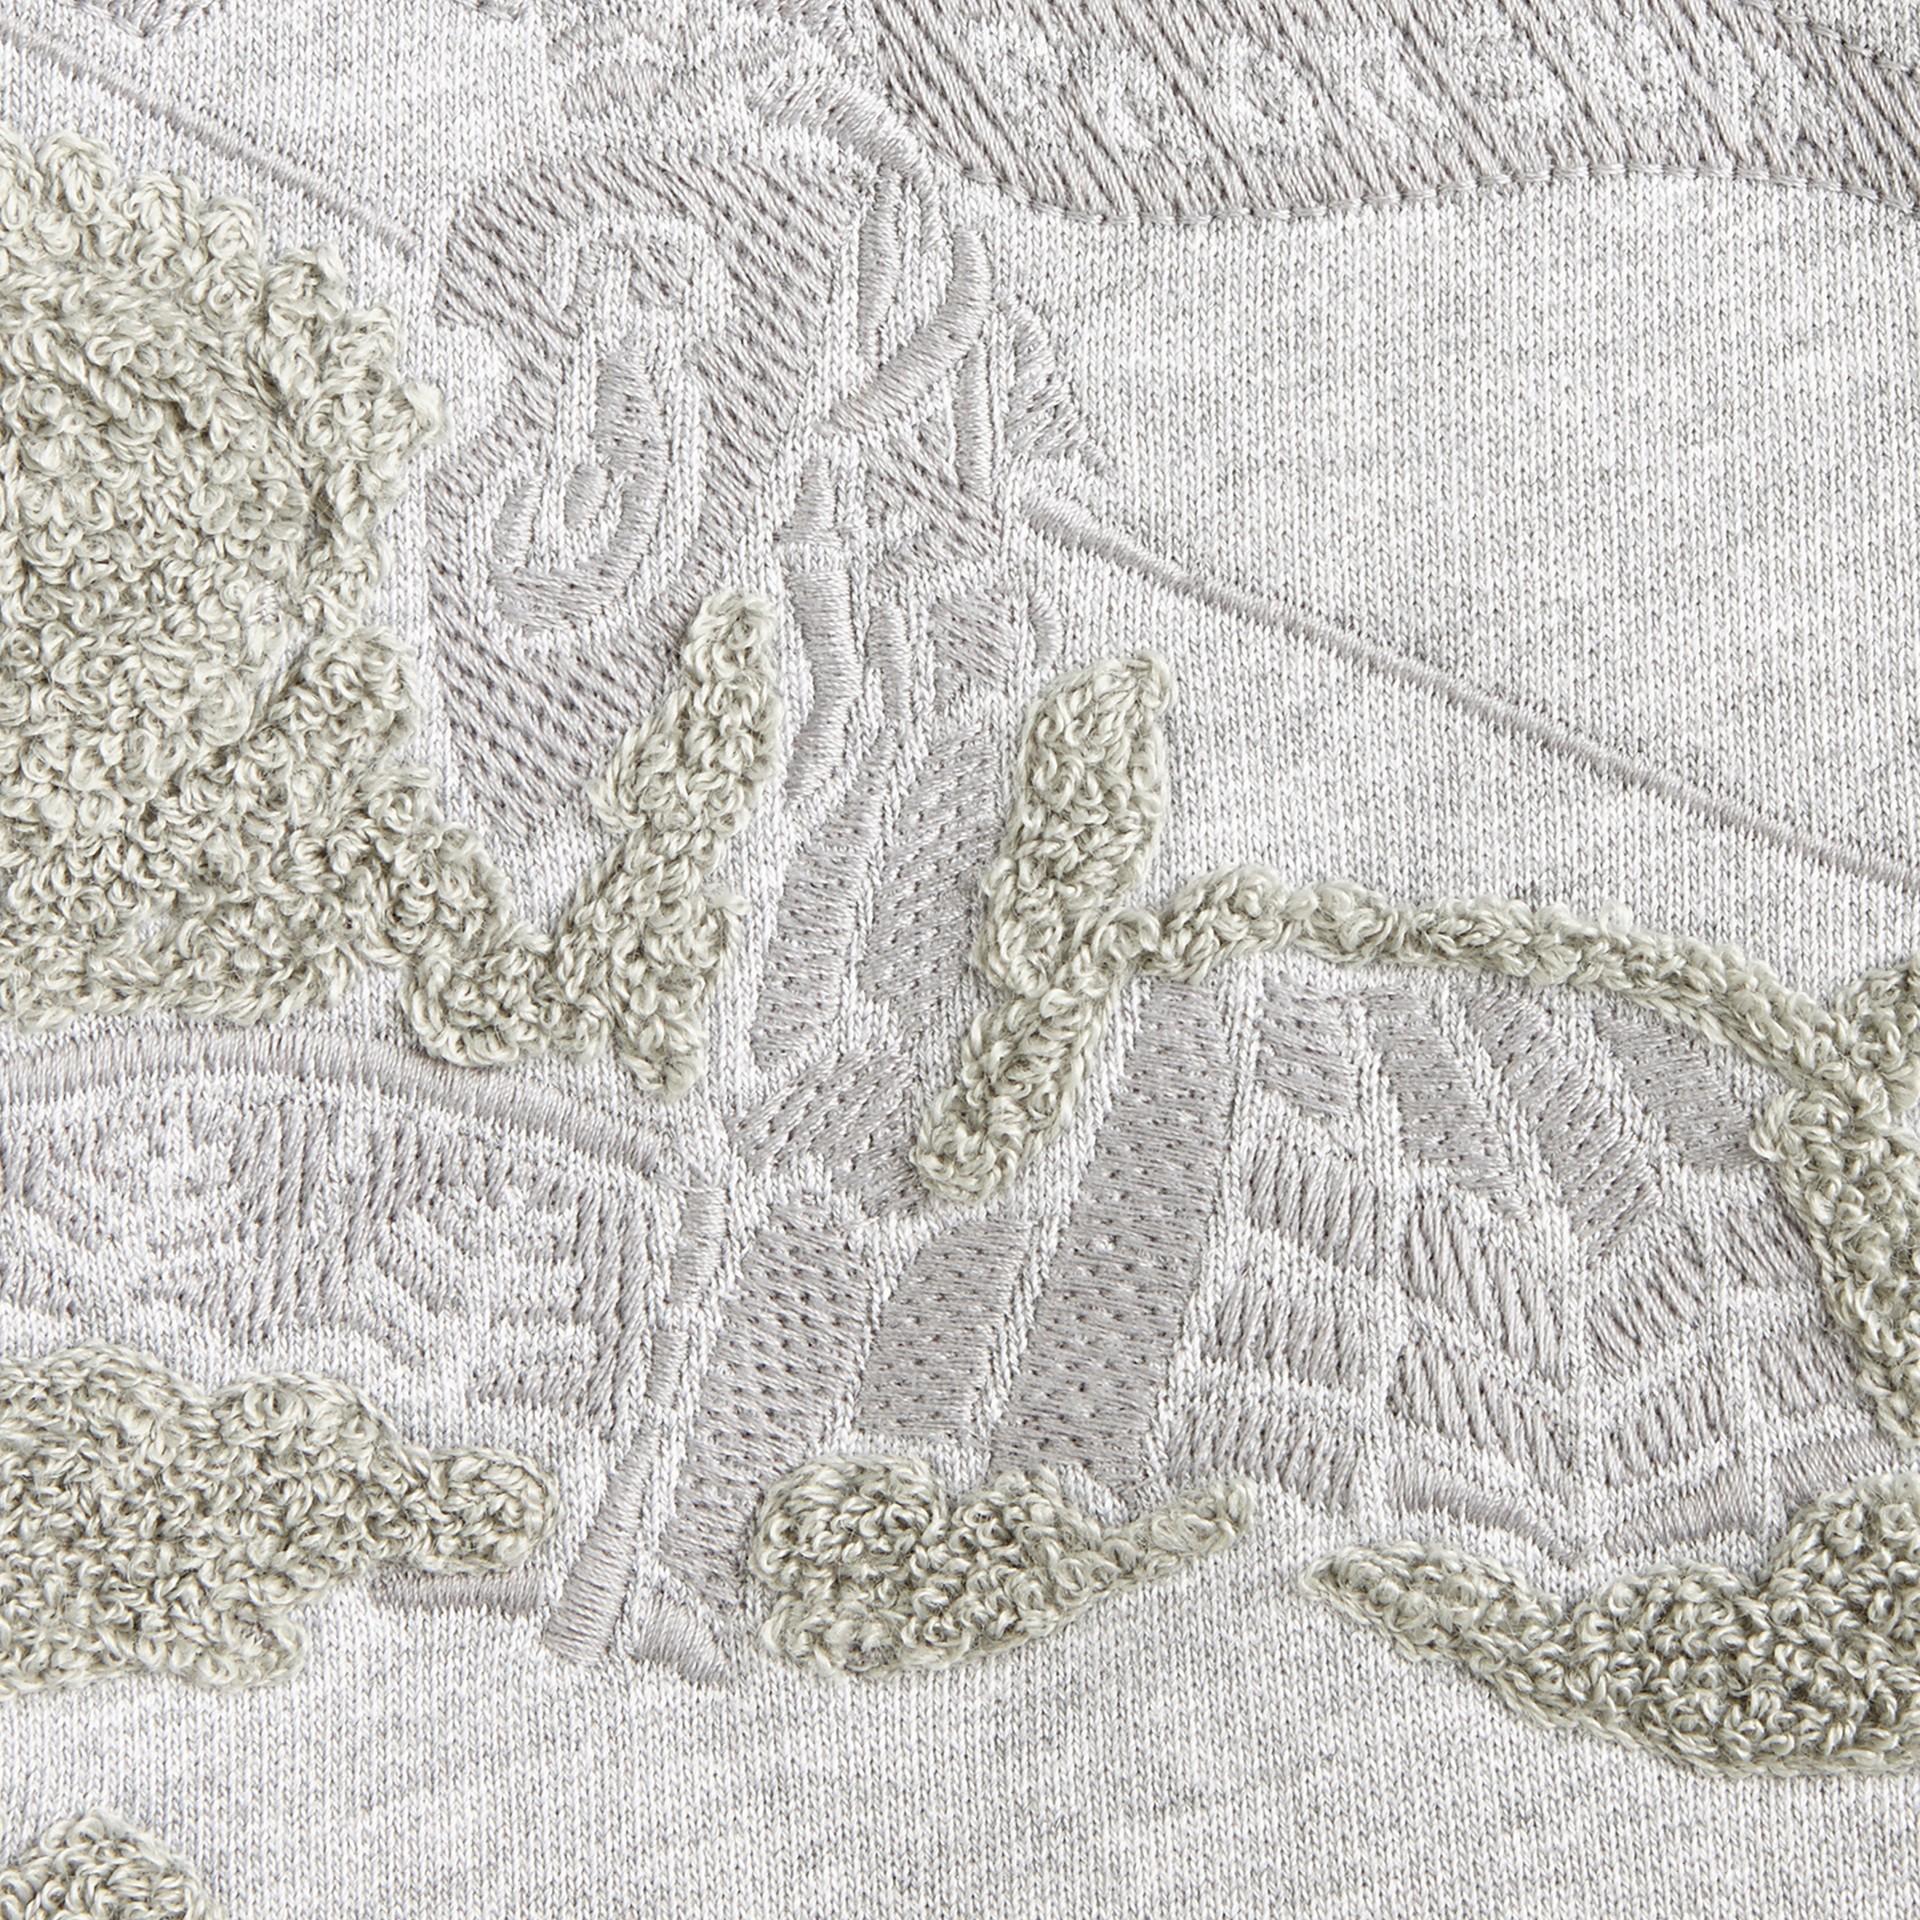 ミッドグレーメランジ エクエストリアン・ナイト・ディテール・コットン・スウェットシャツ - ギャラリーイメージ 2